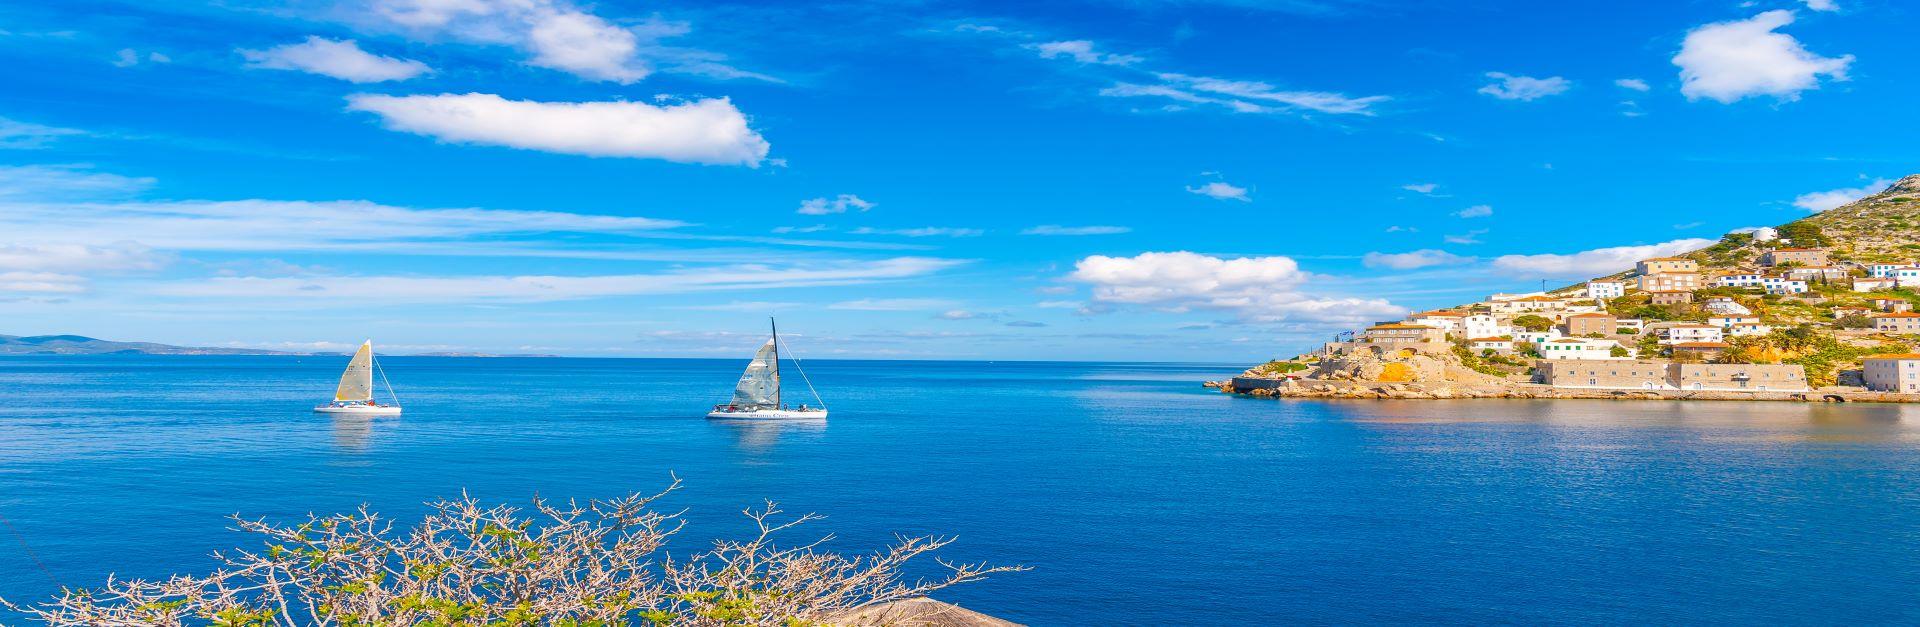 khydra-island-4k-sea-saronic-gulf-summer-final